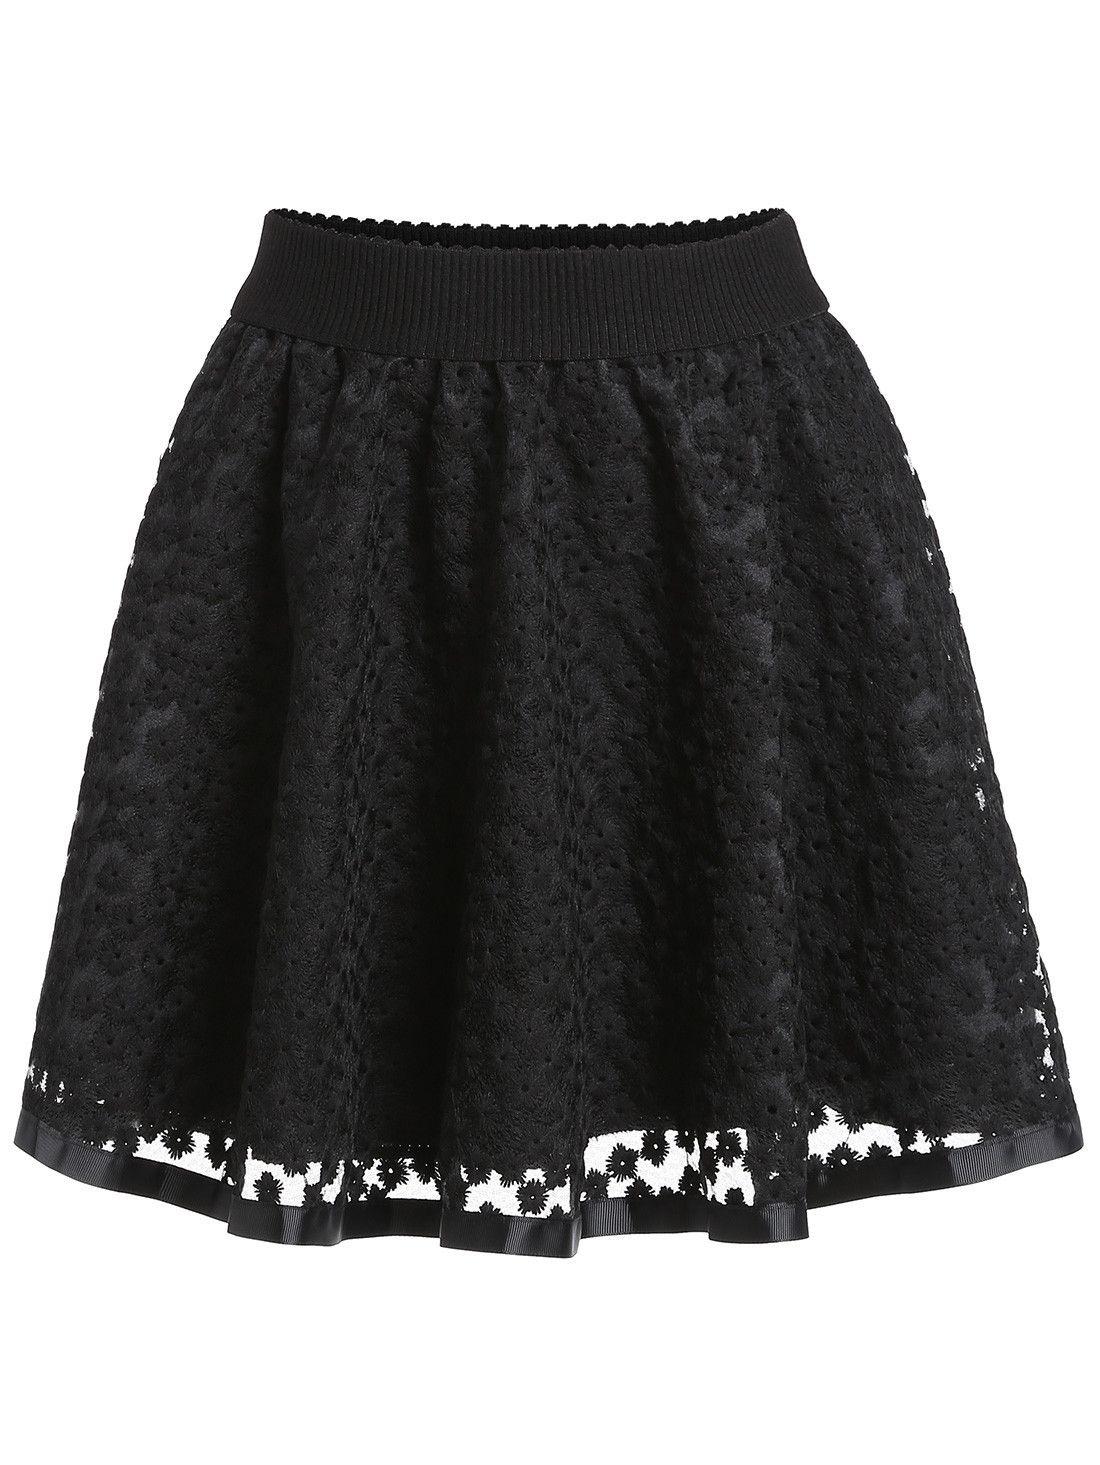 colores y llamativos Boutique en ligne precio razonable Falda bordada encaje con vuelo-(Sheinside) | Faldas en 2019 ...